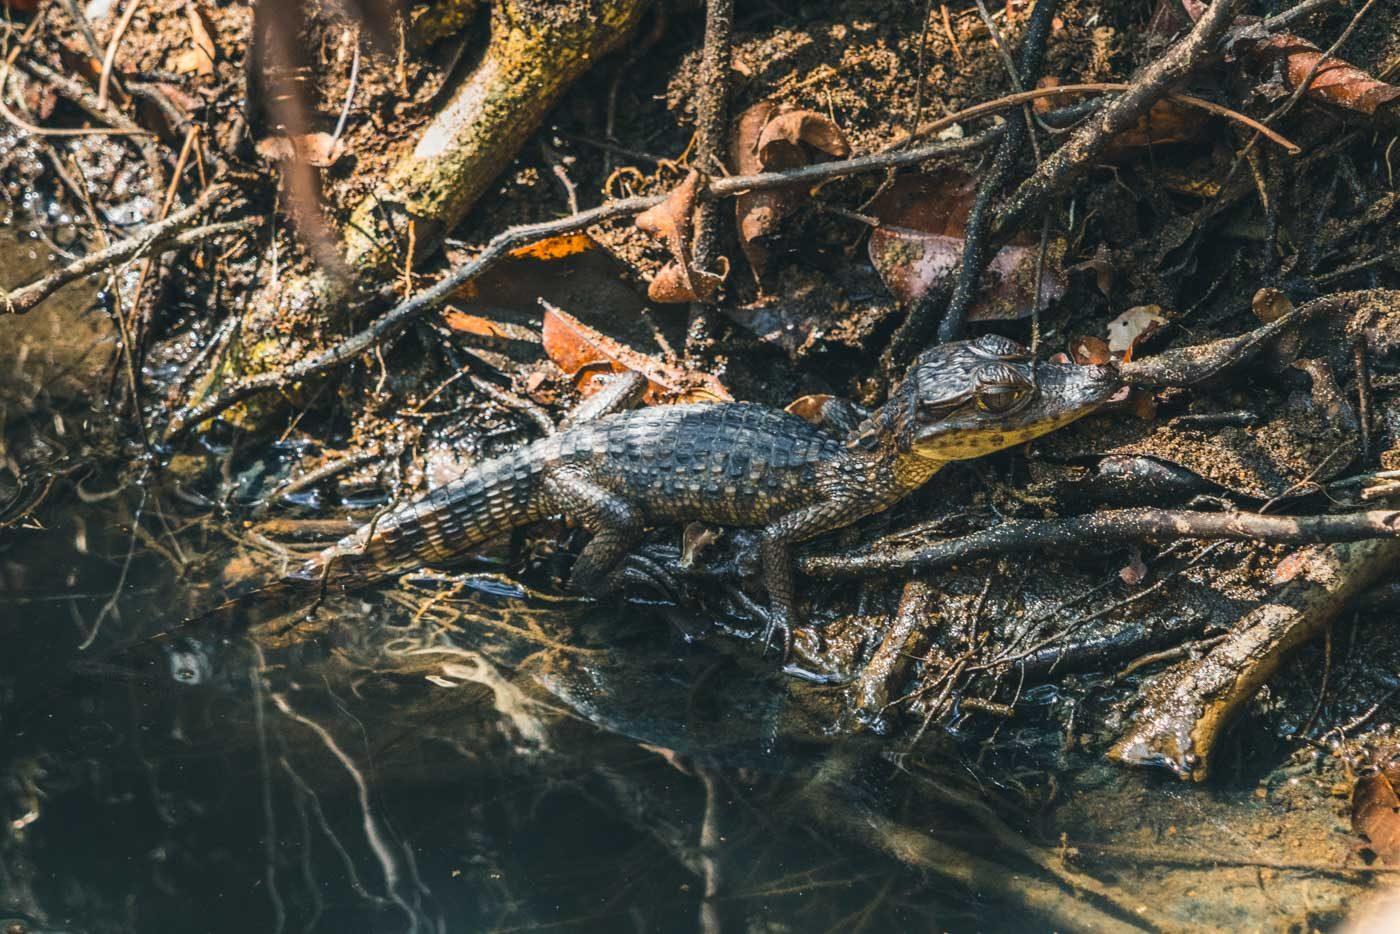 animals in Costa Rica, crocodile